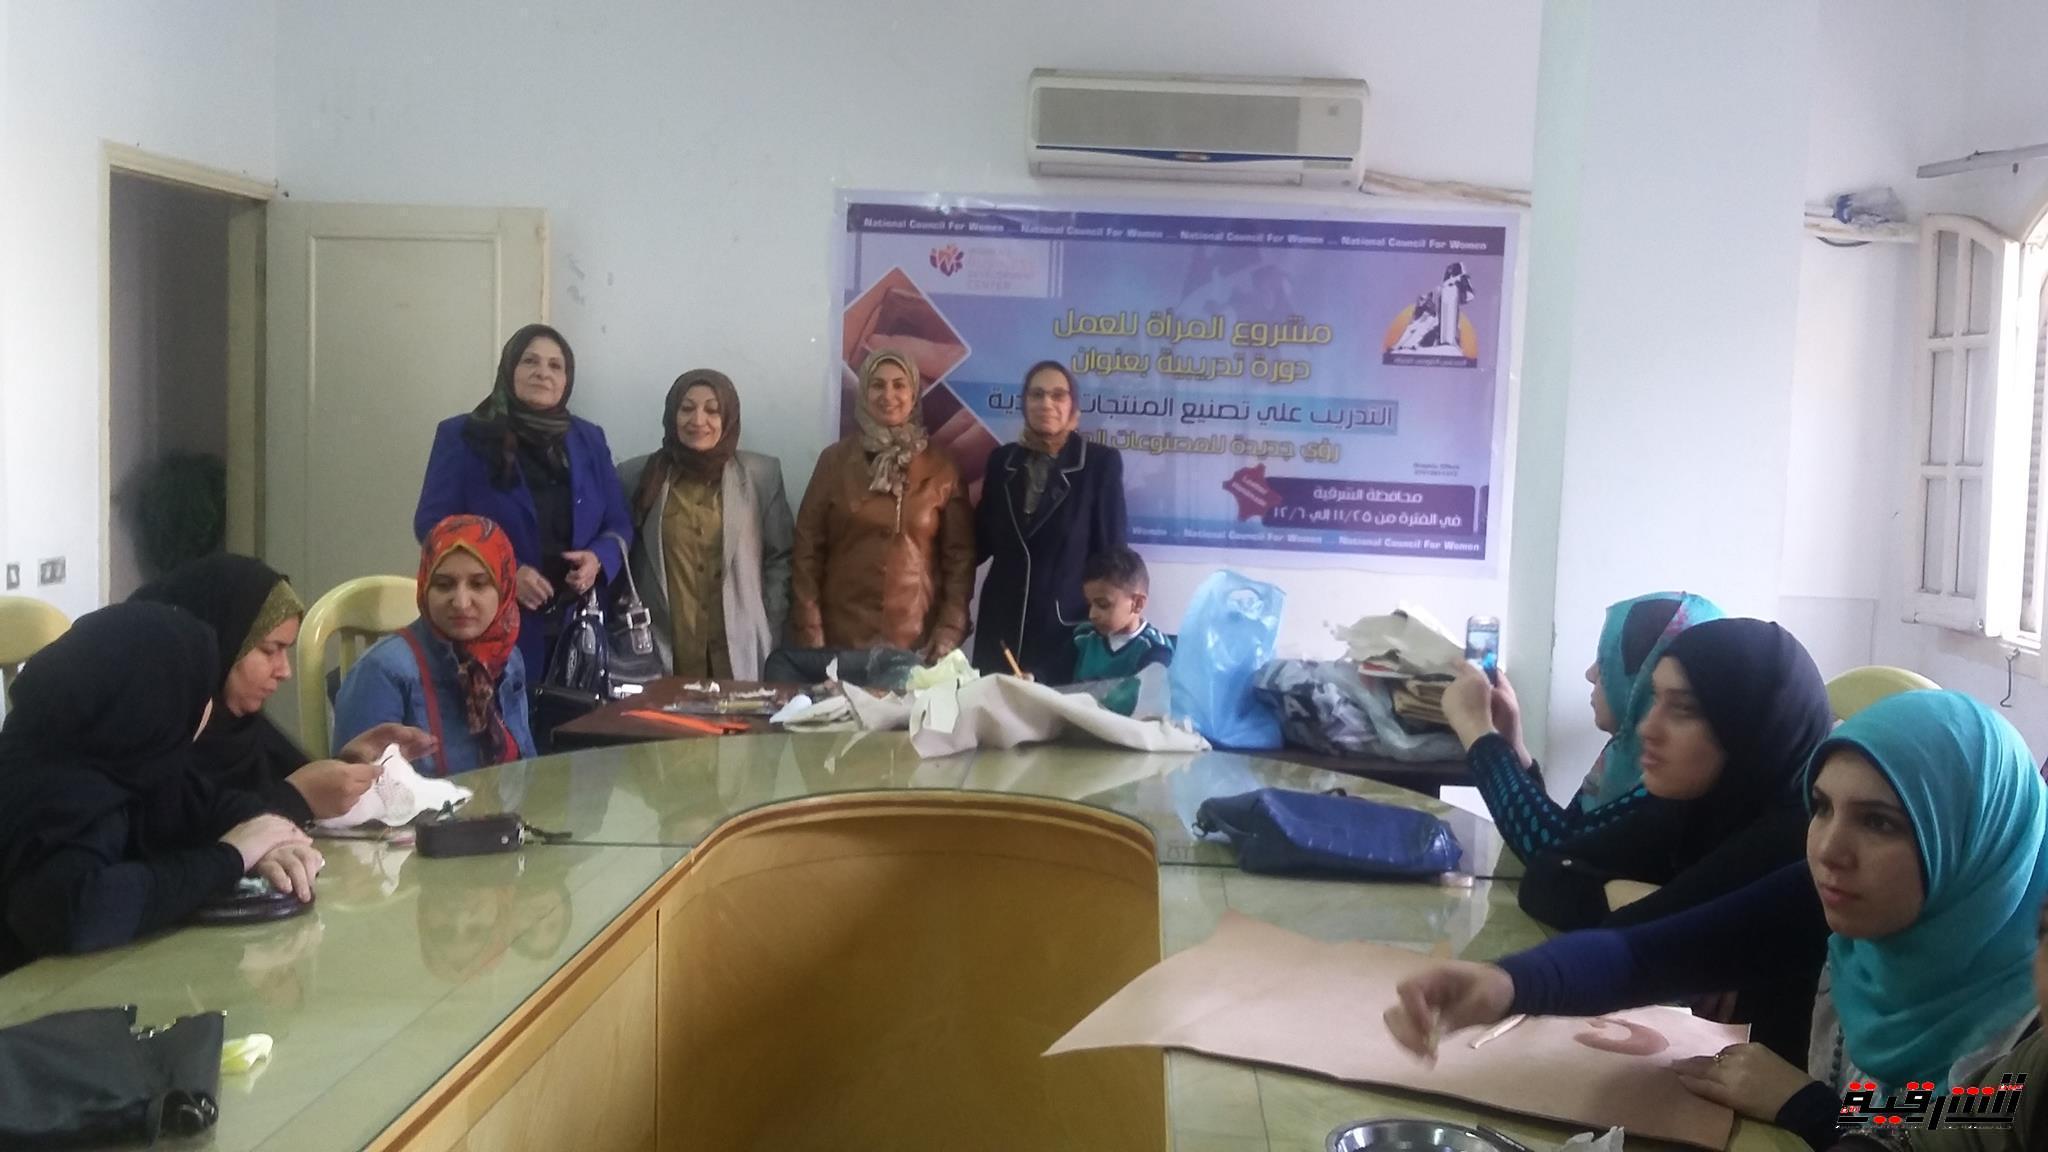 القومى للمرأة يعقد دورة تدريبية حول تصنيع المنتجات الجلدية